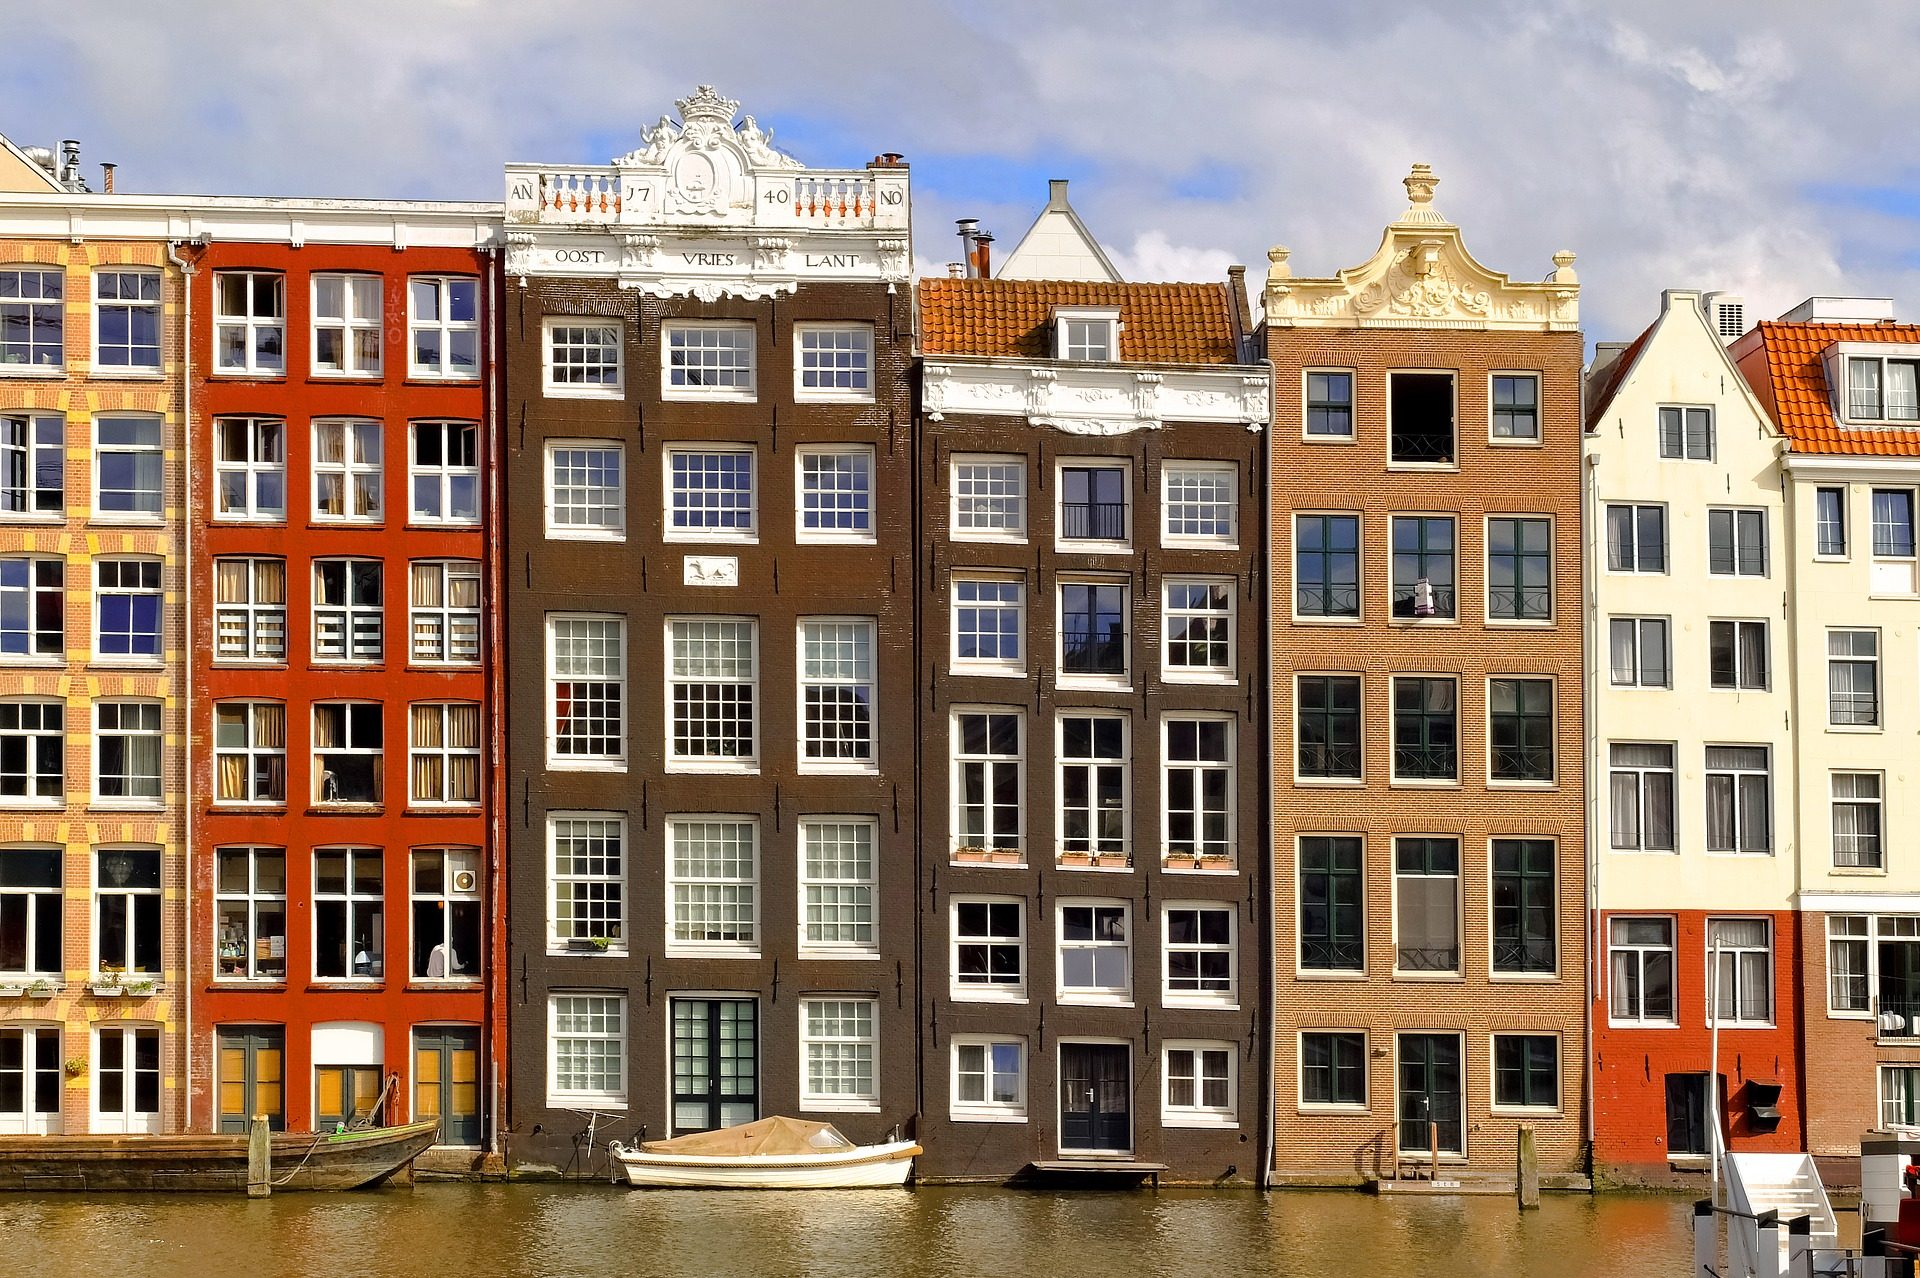 edificios, casas, fachadas, coloridas, amsterdam, holanda - Fondos de Pantalla HD - professor-falken.com